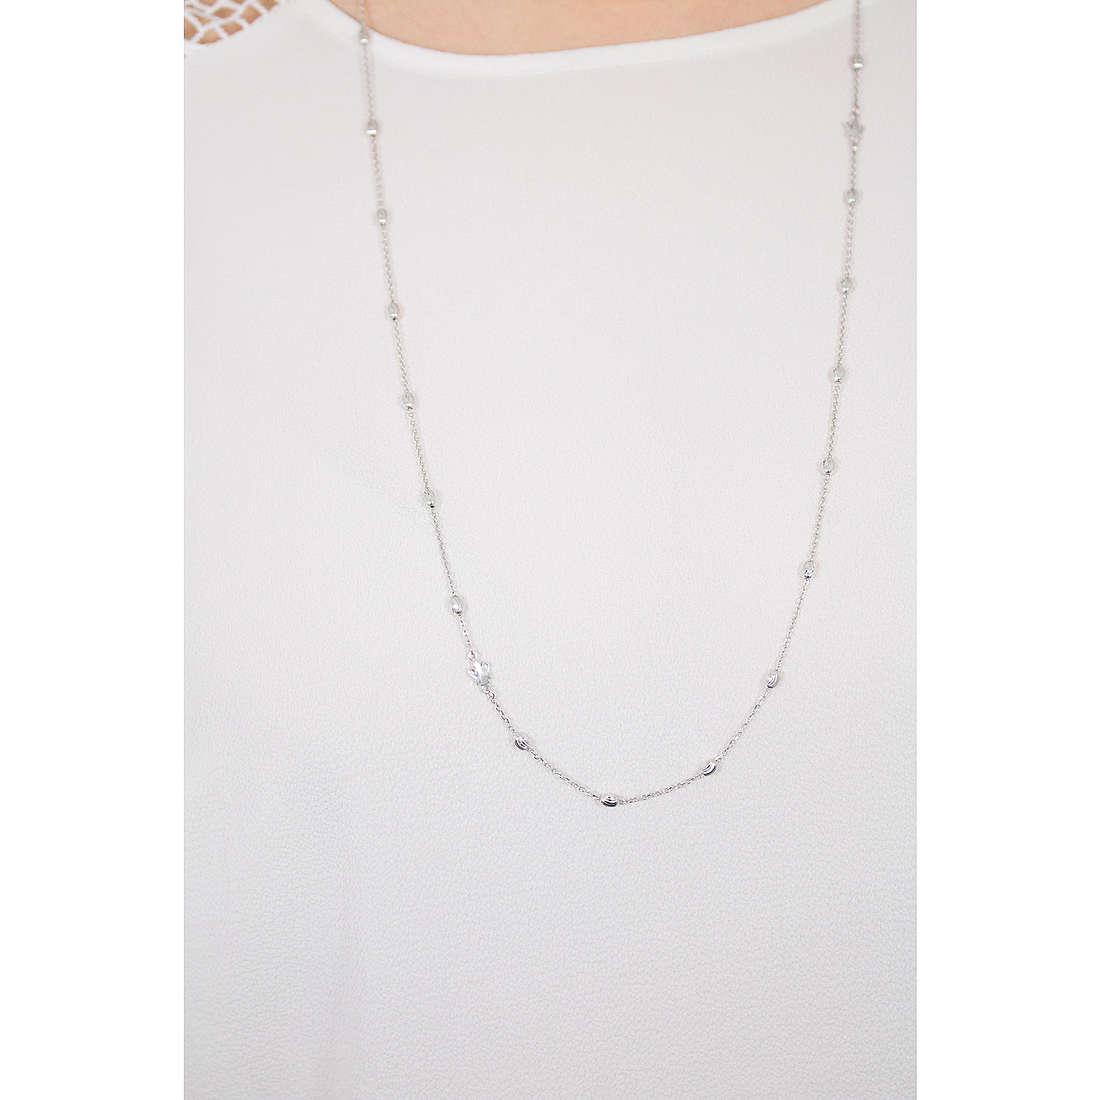 Giannotti necklaces Angeli woman GIANNOTTIGIA317 photo wearing